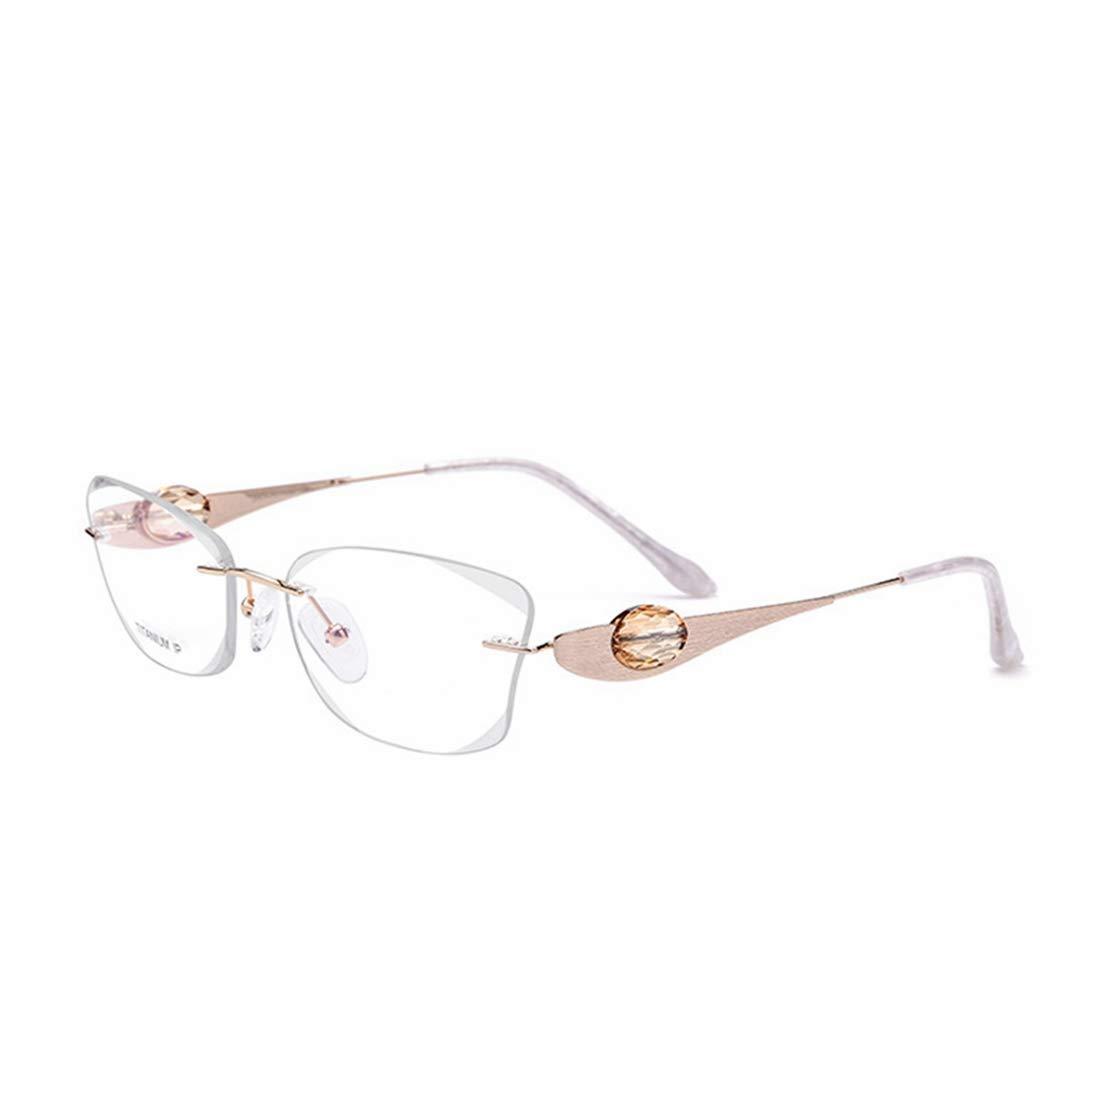 辽阳世纪电子产品贸易中心 高品質軽量ピュアチタンフレームレスビジネス眼鏡クリスタル装飾クリアレンズレジャー眼鏡 (色 : ホワイト)  ホワイト B07R783XY1